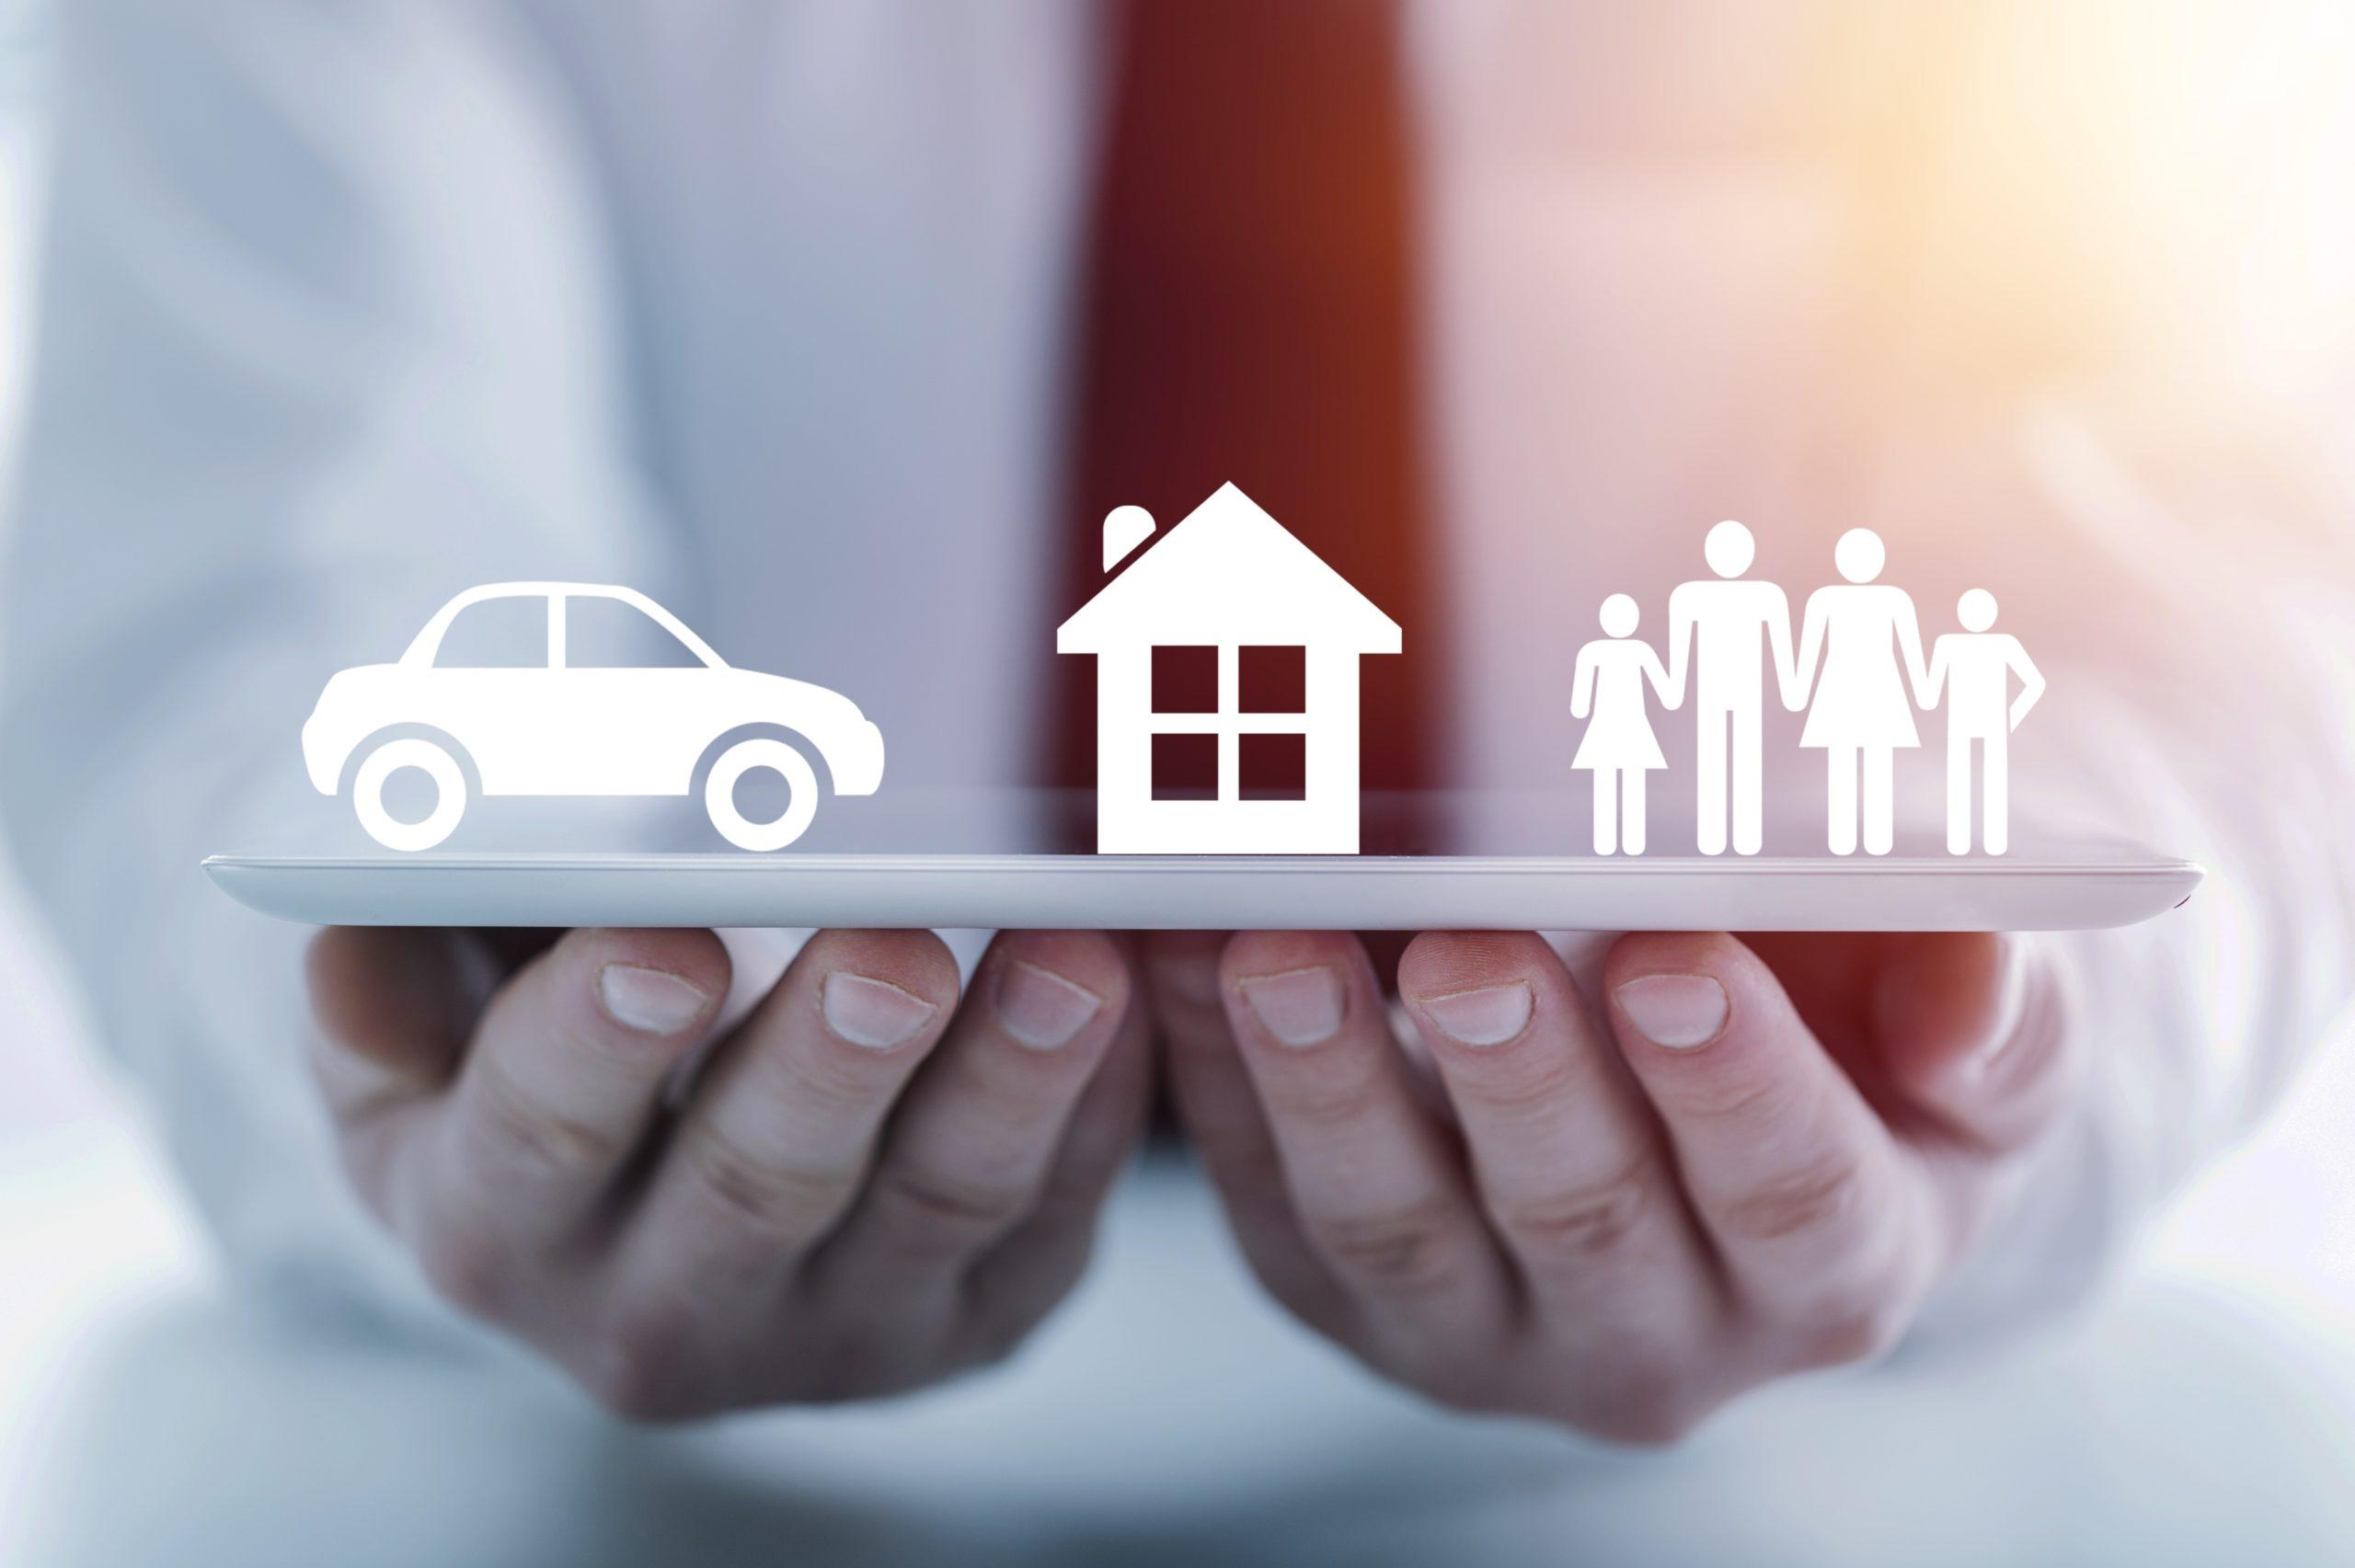 أفضل شركات التأمين على المنازل في امريكا لعام 2021